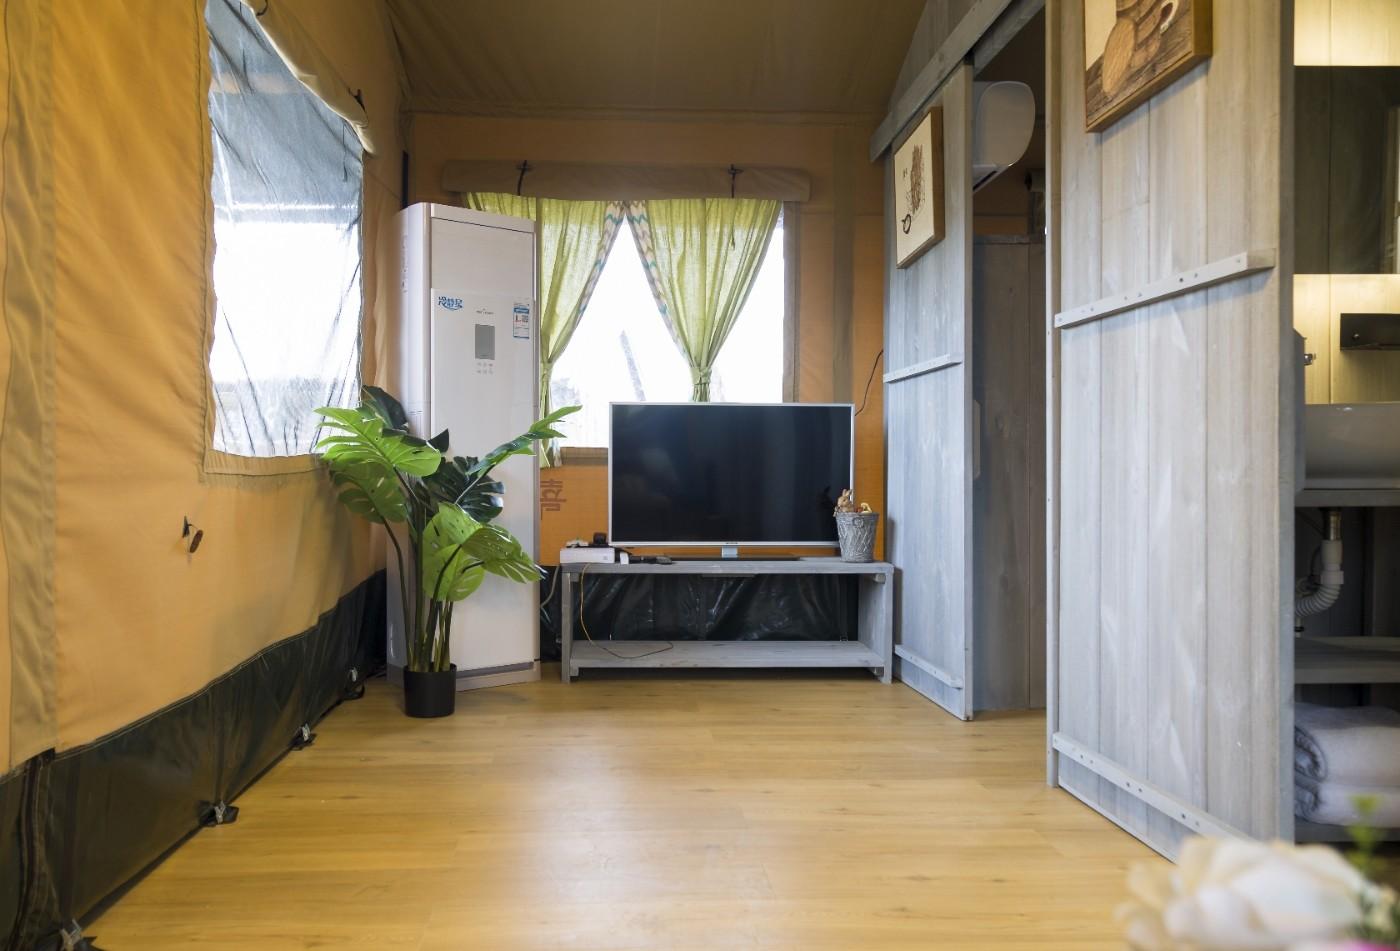 喜马拉雅野奢帐篷酒店—太湖湾露营谷5